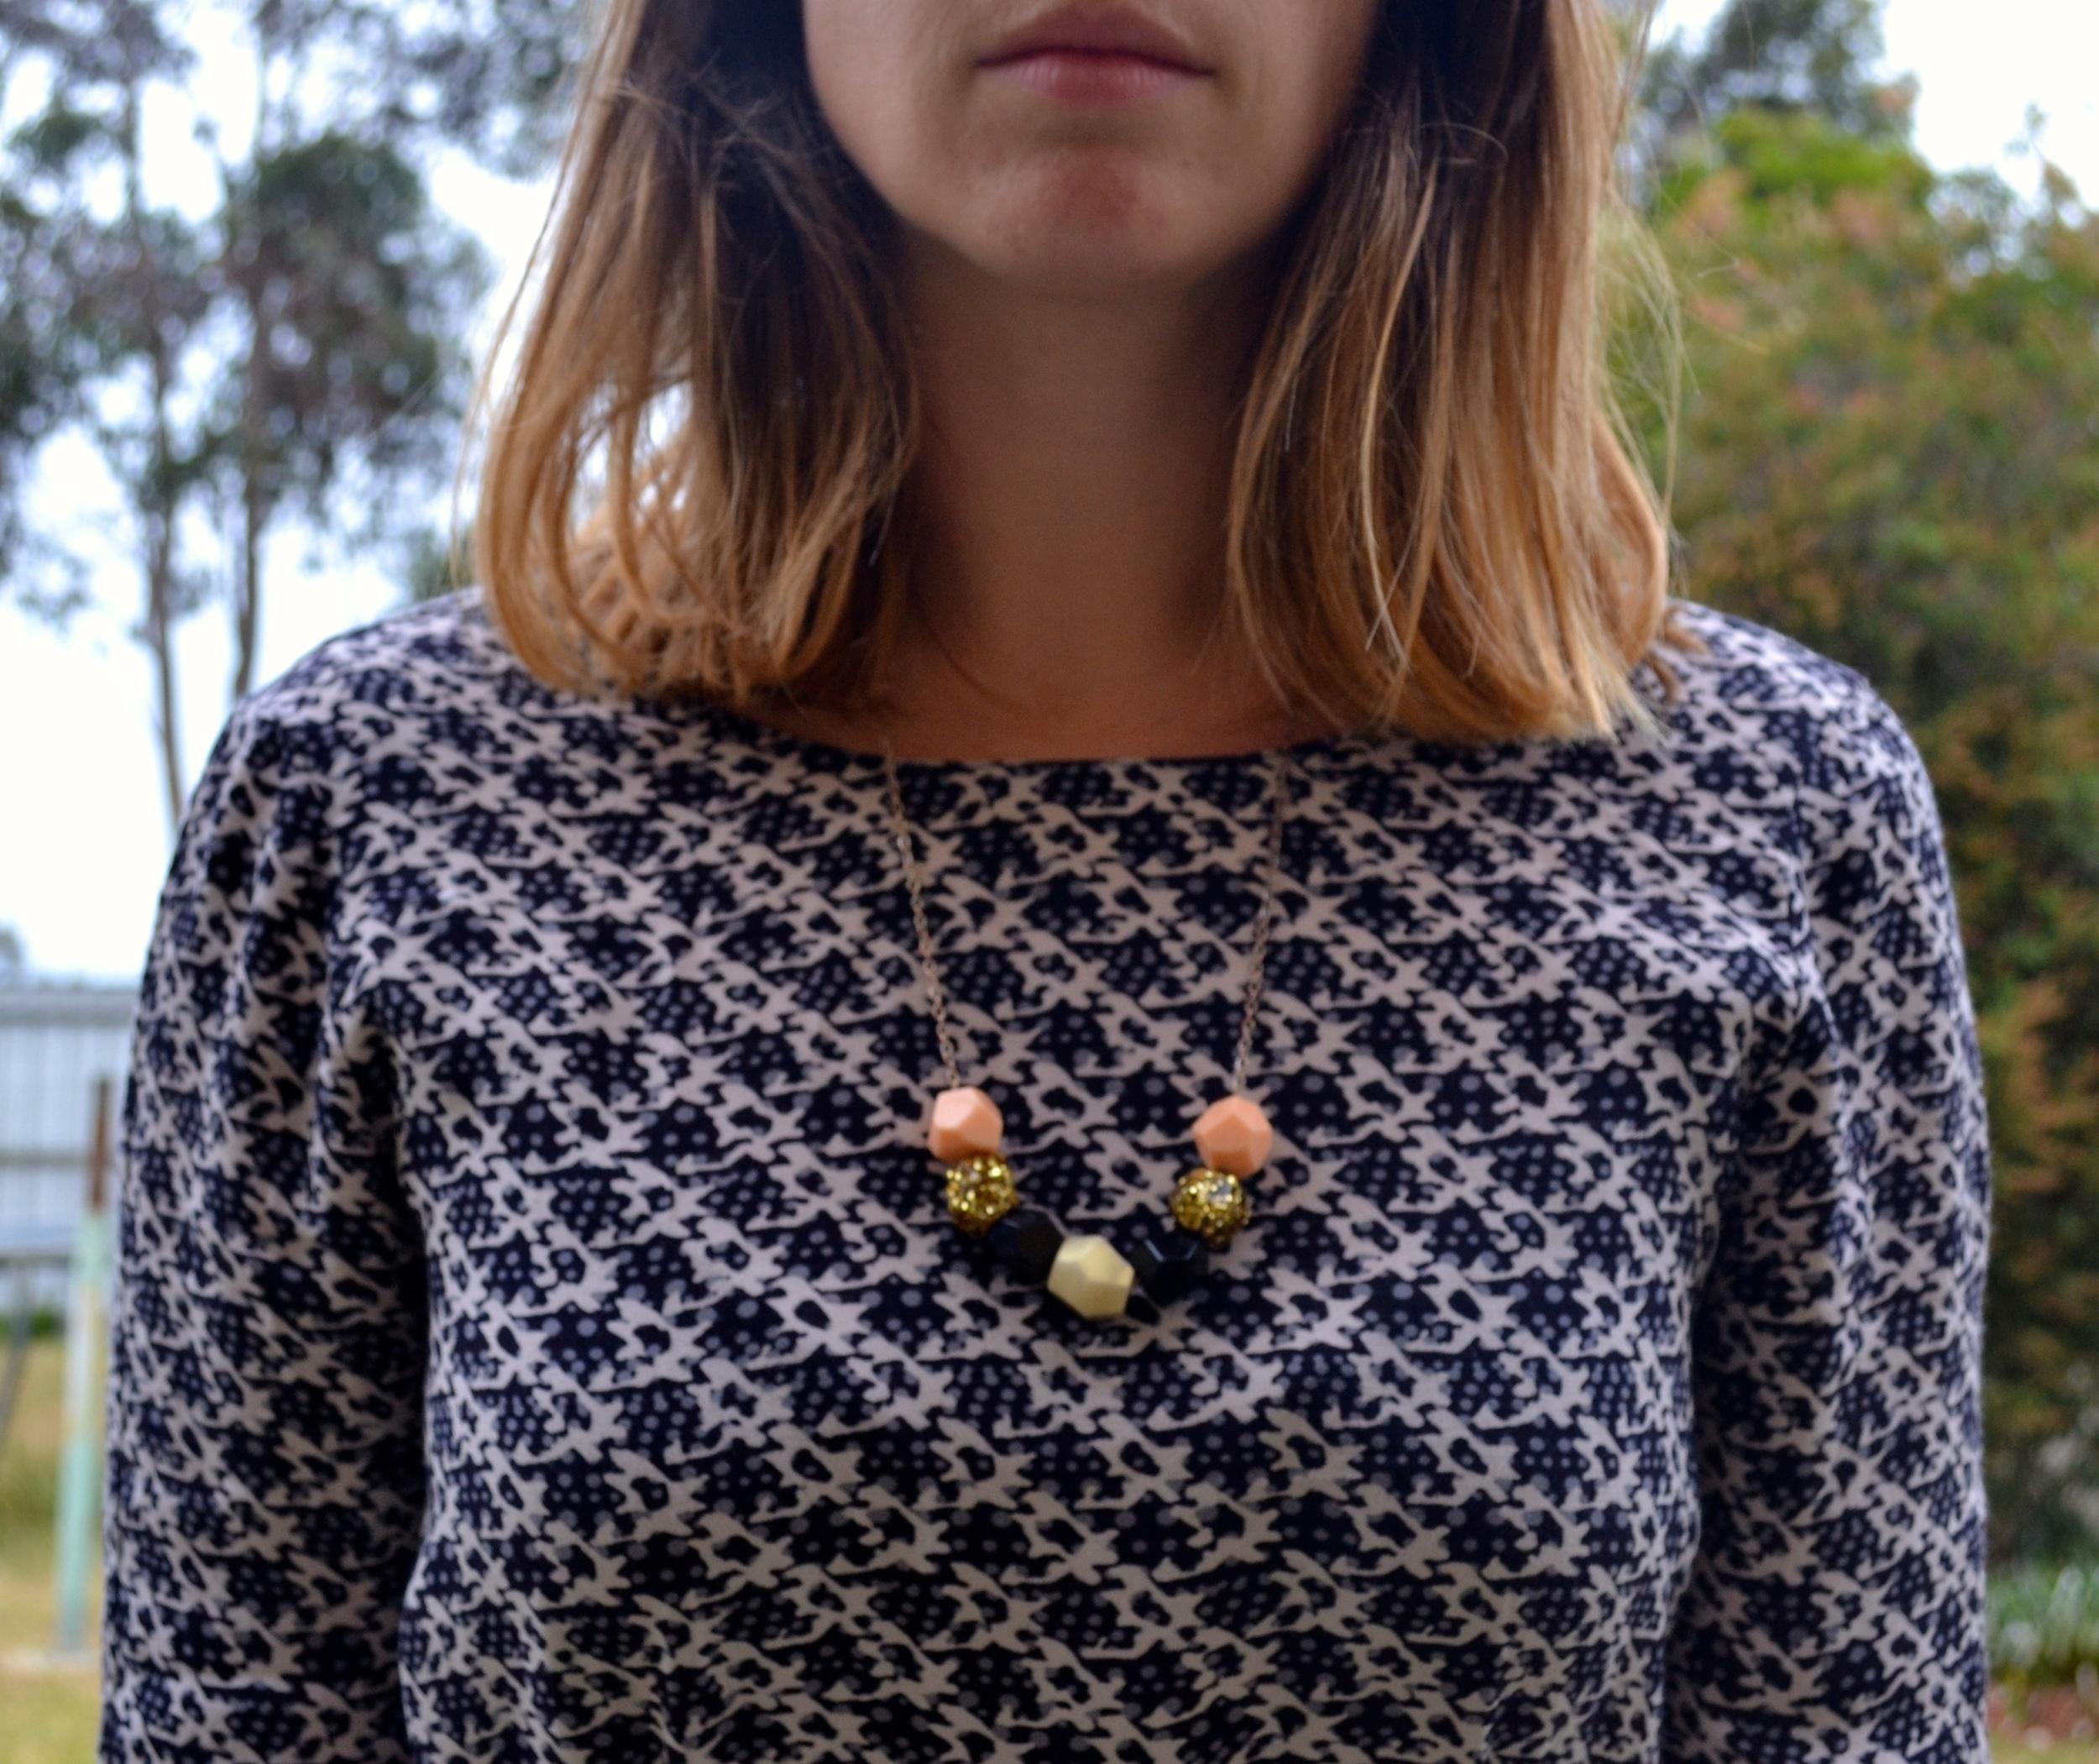 necklace-blue-playsuit-closeup